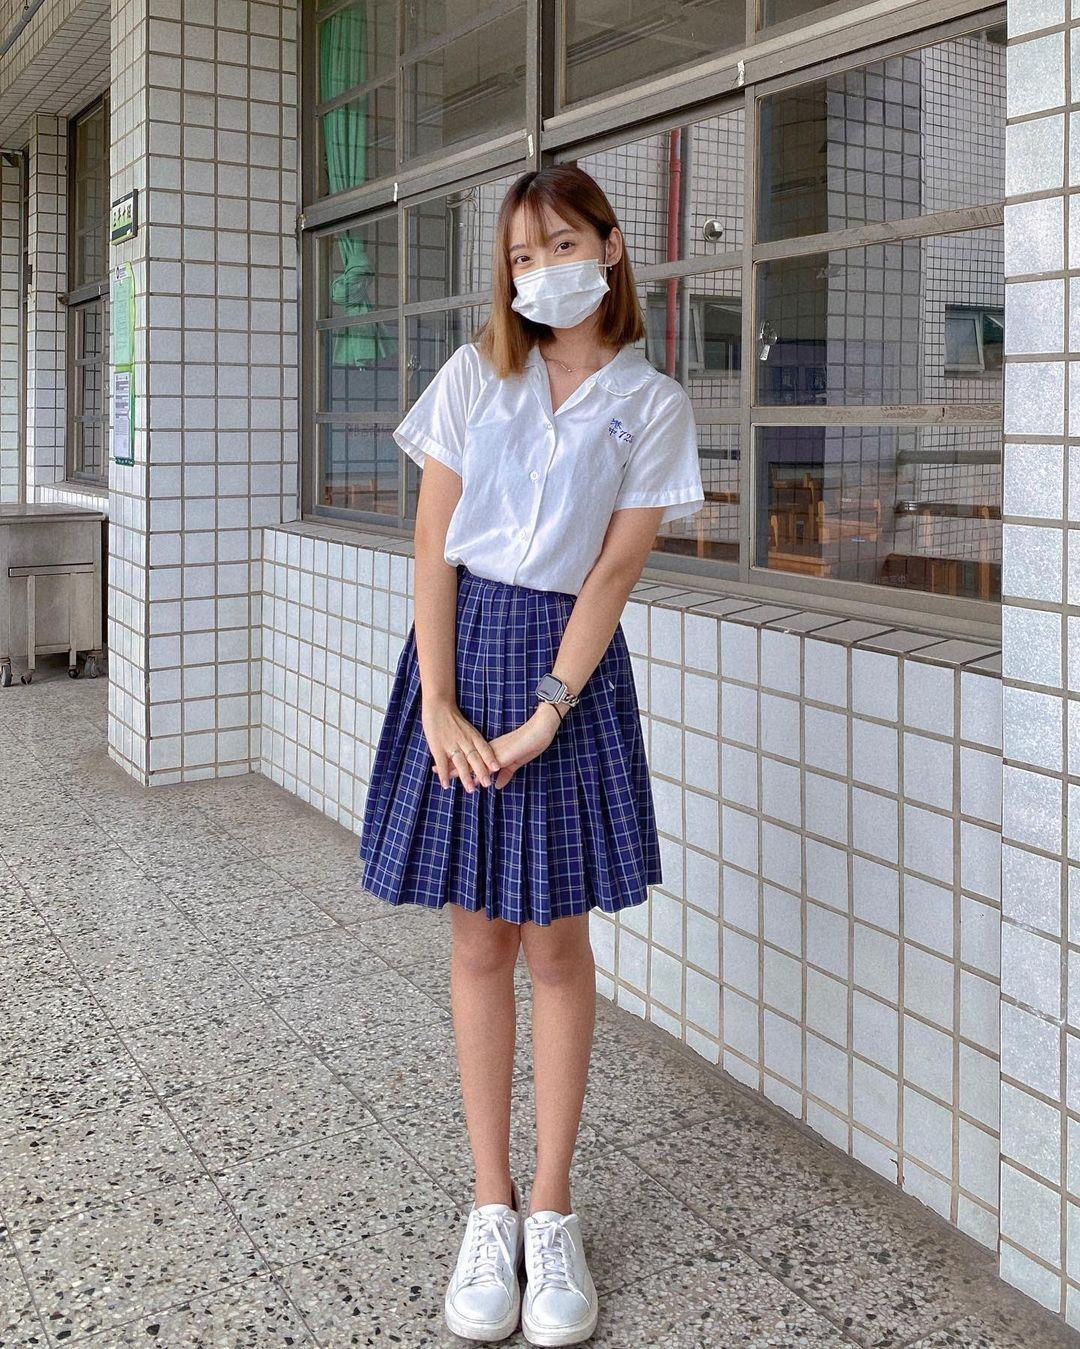 高雄小港高中18岁清纯学生妹,短发俏丽笑容甜美,个人IG好几万人追踪 养眼图片 第5张